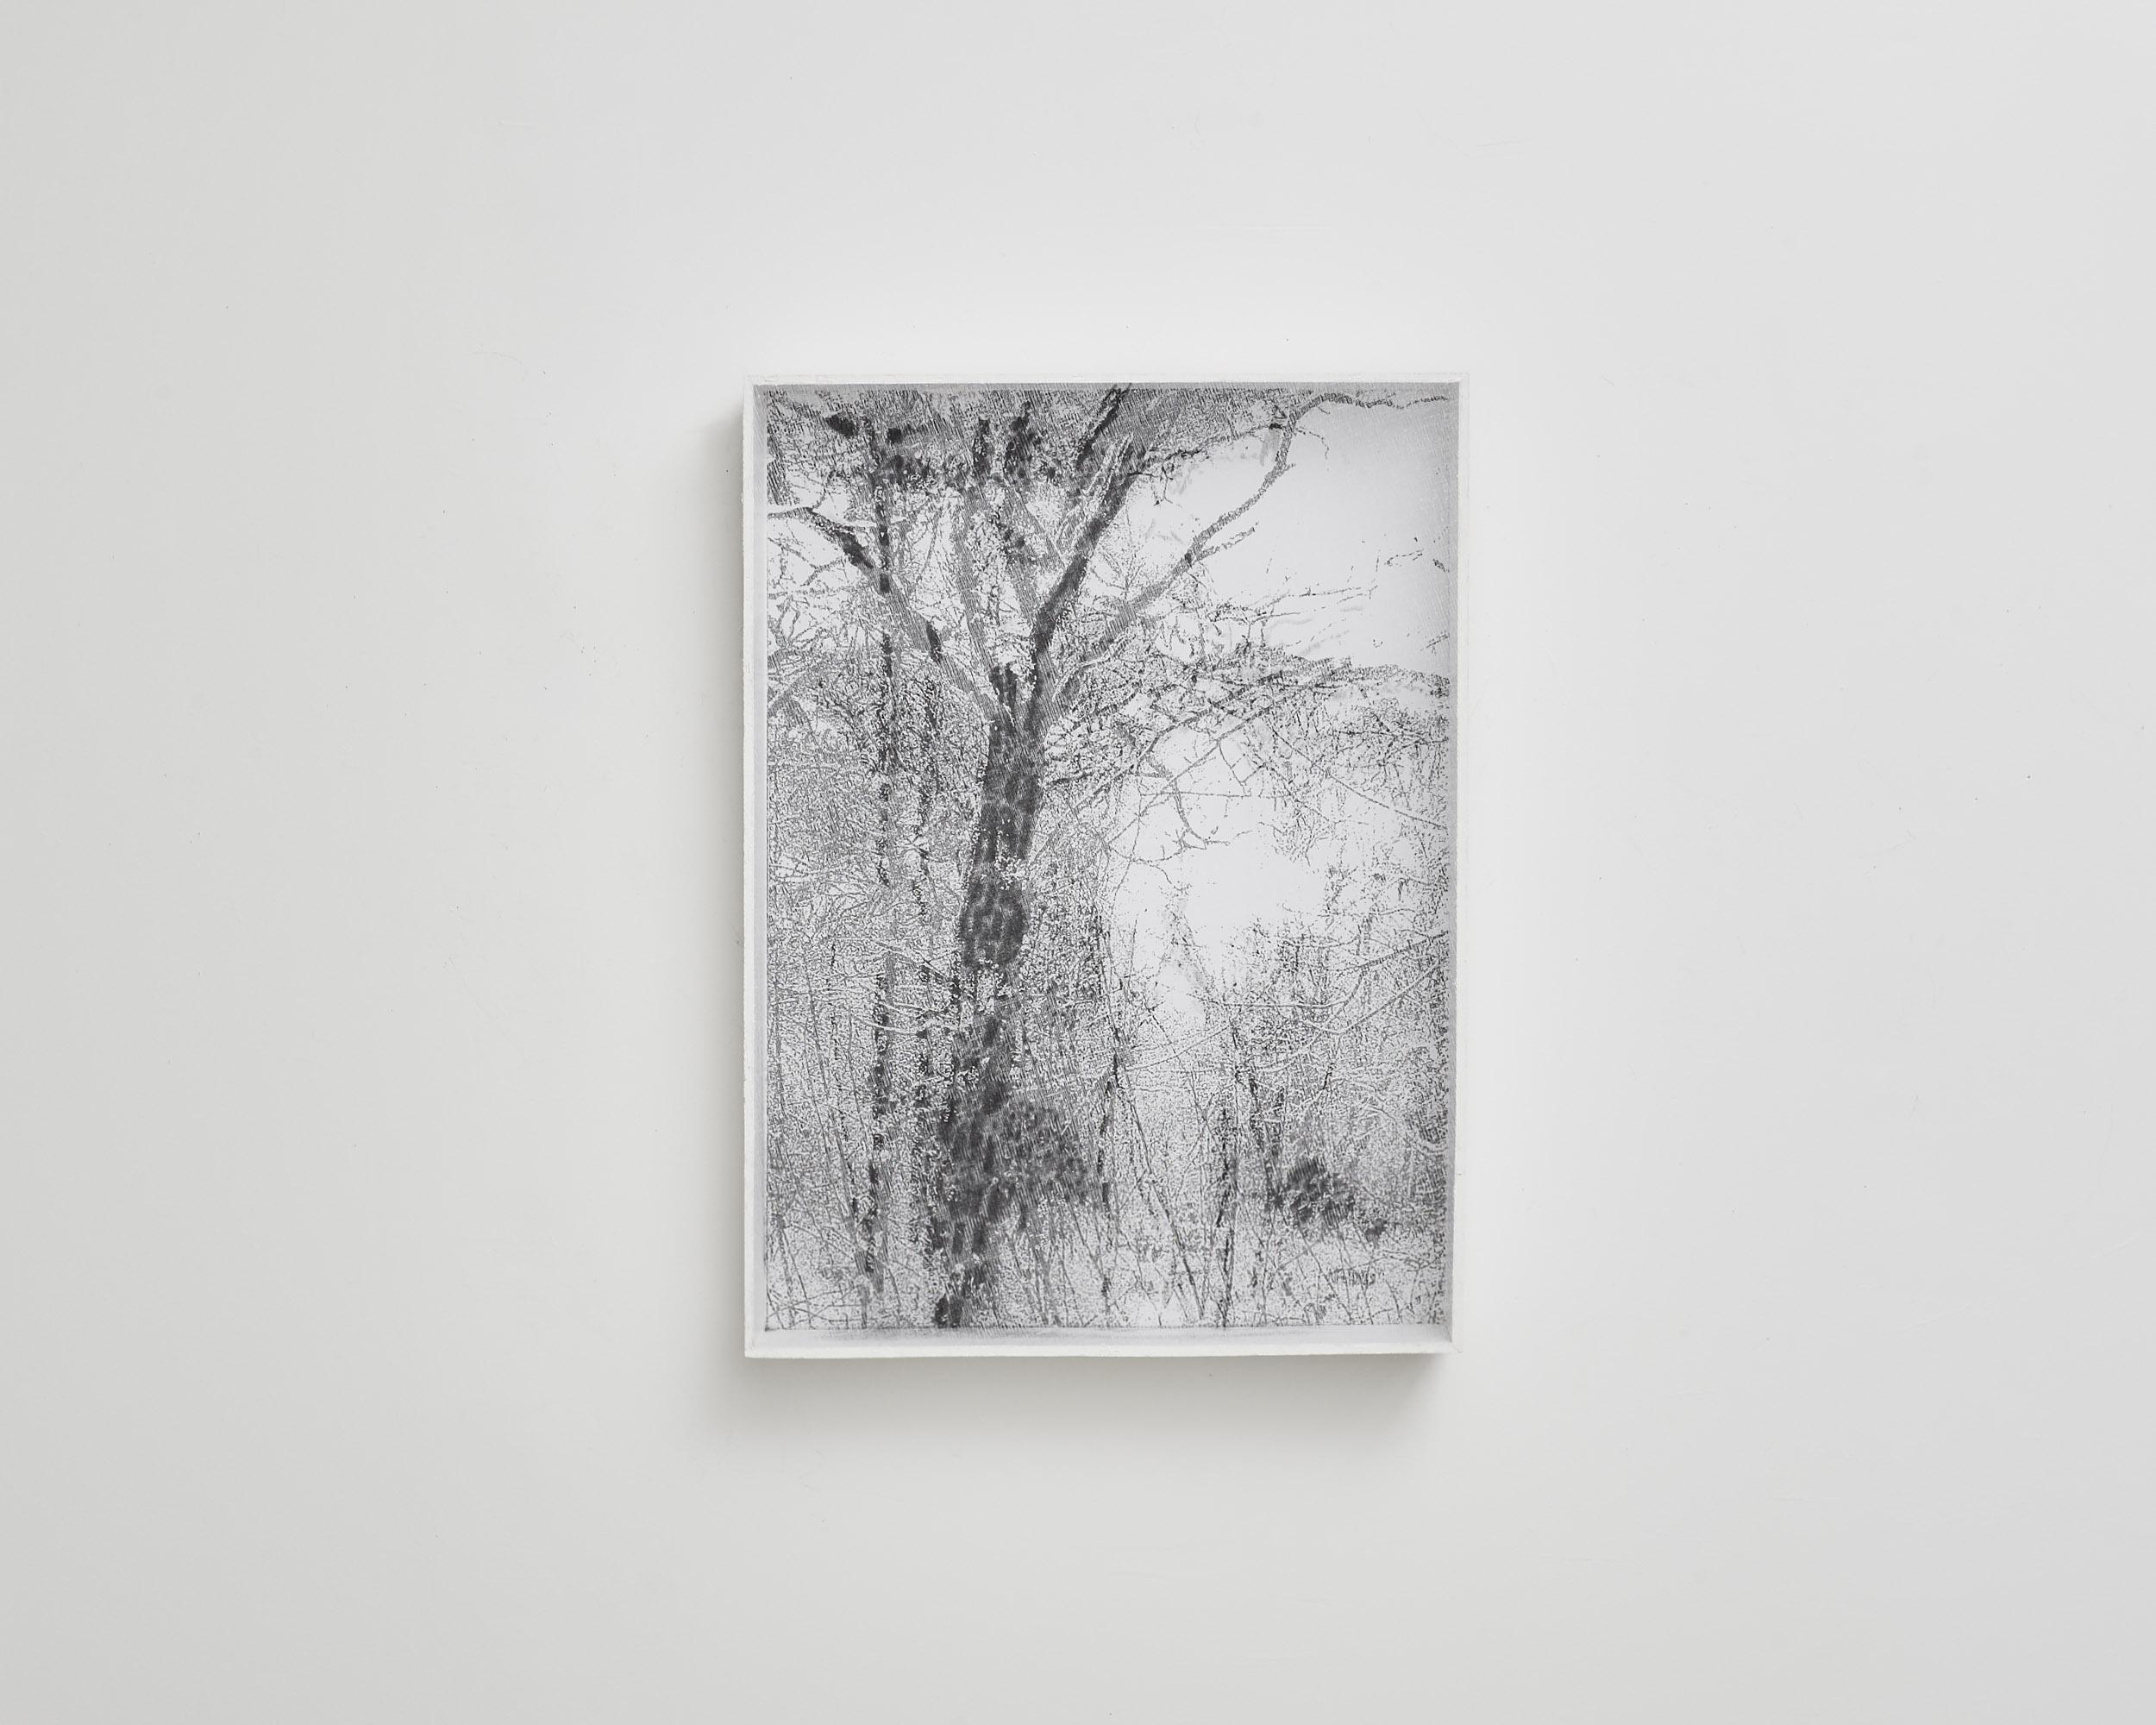 Dessin-écran 6  2010, Paysage, photocopie, trame, crayon graphite et boîte bois 62x84cm.